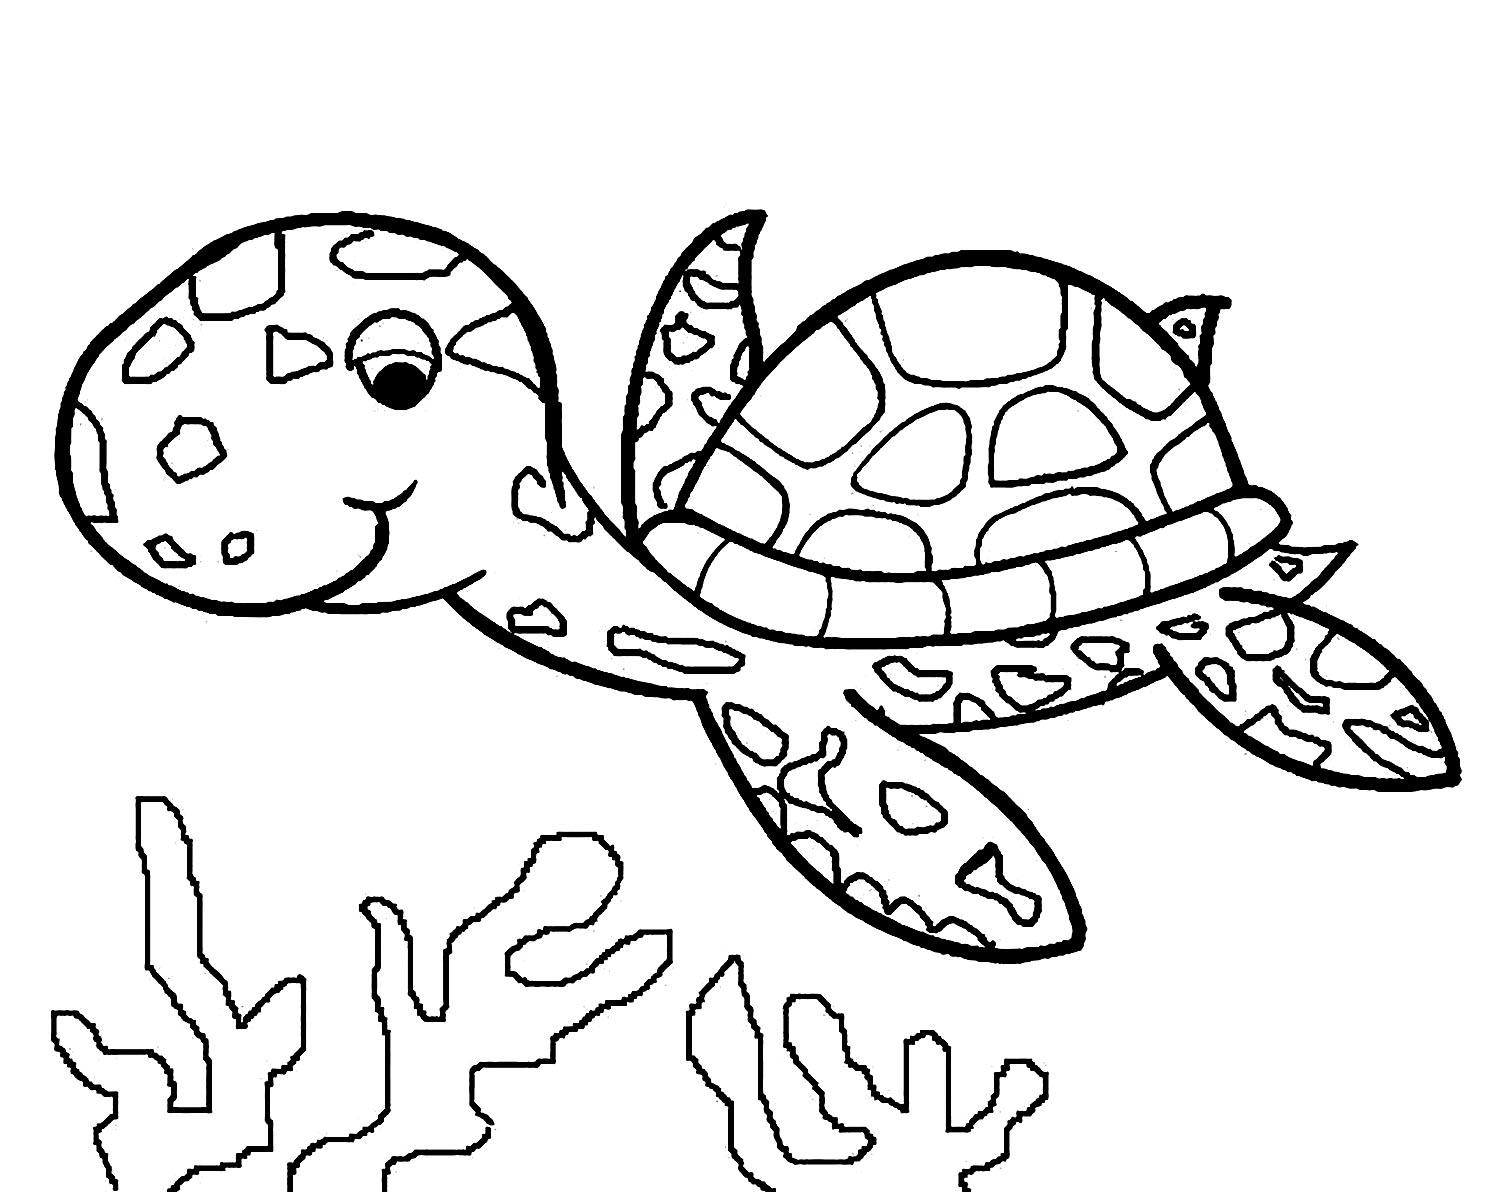 Image de tortue à télécharger et imprimer pour enfants